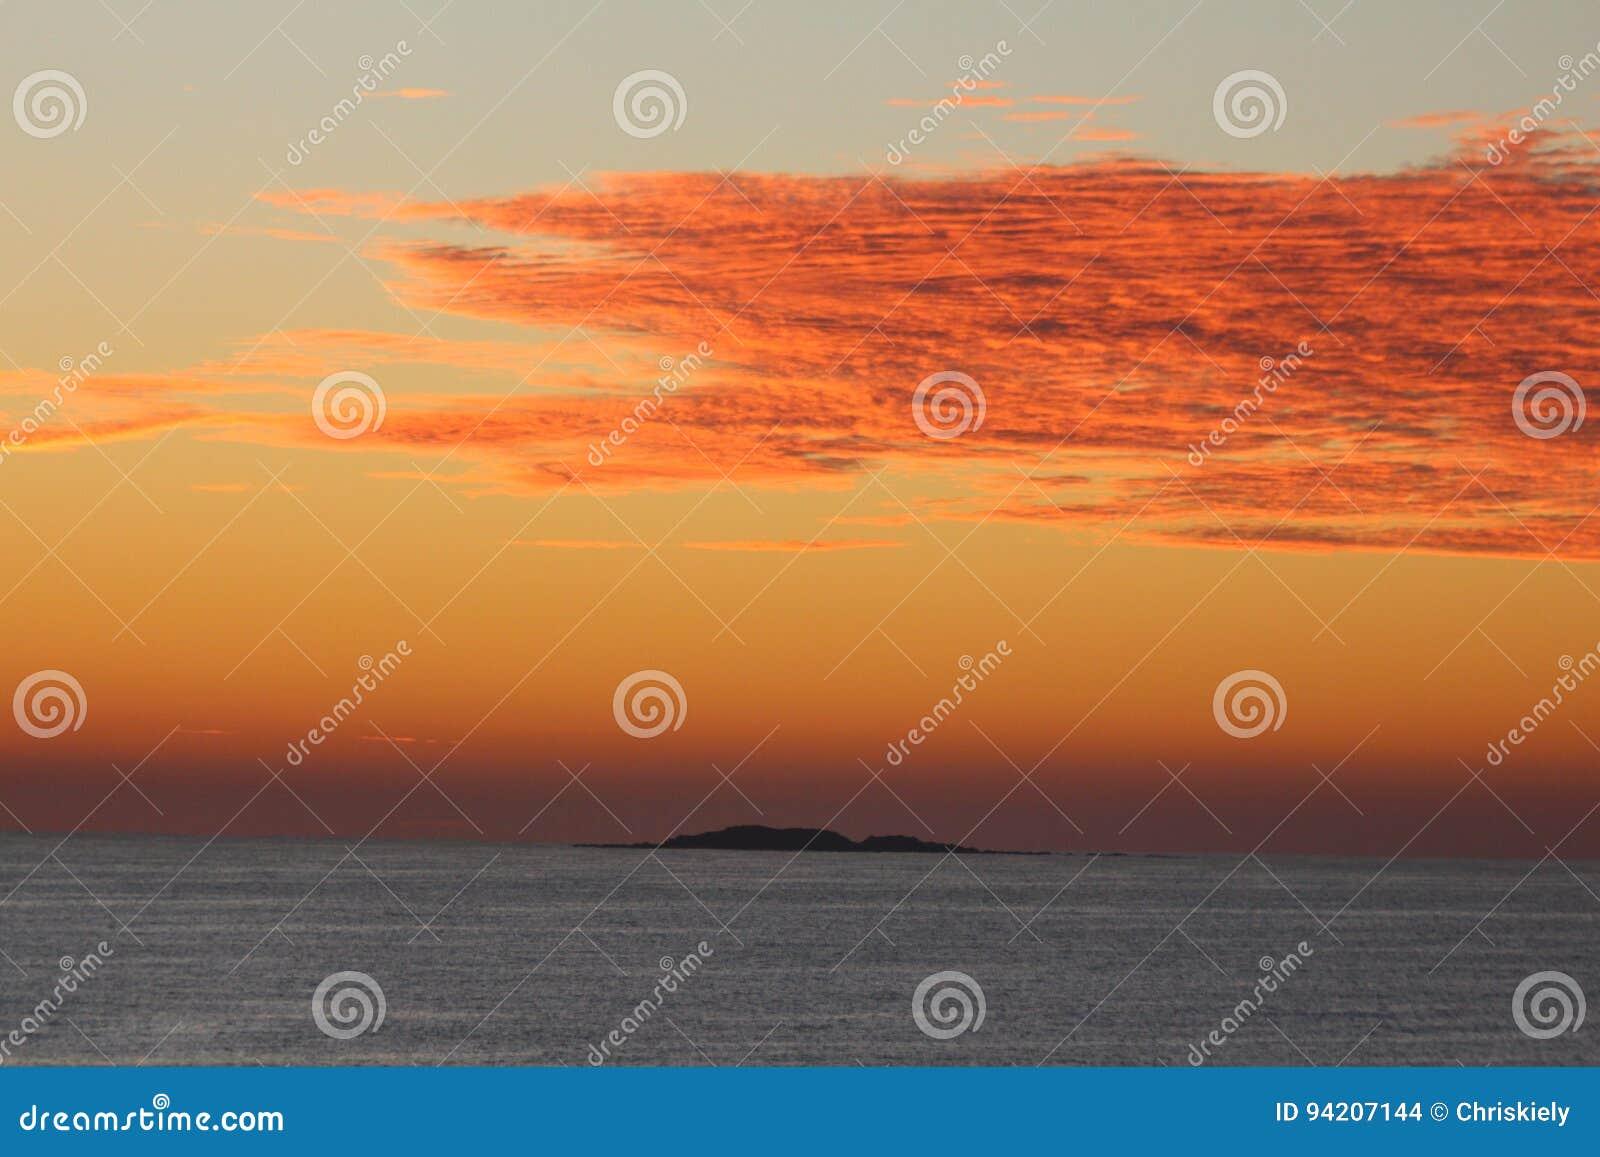 Clouds orangen